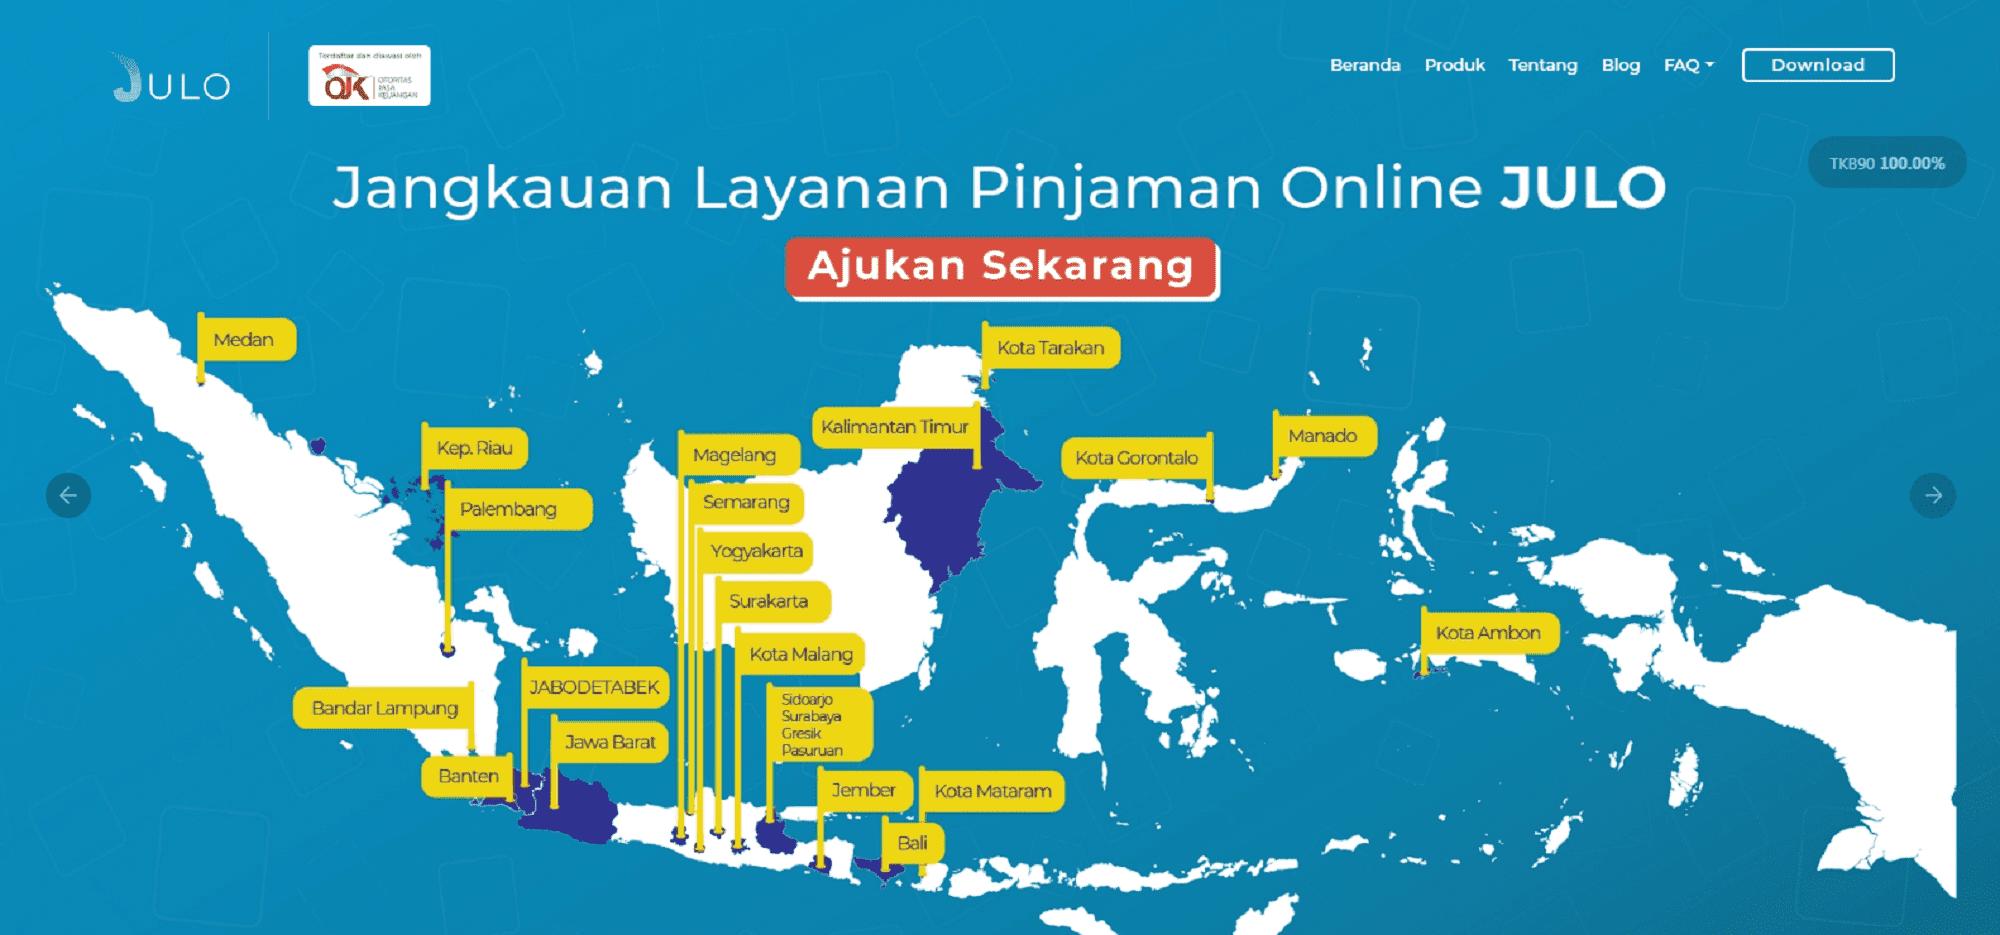 Julo Pinjaman Online Cicilan Tanpa Jaminan dengan jangkauan layanan di seluruh Indonesia.